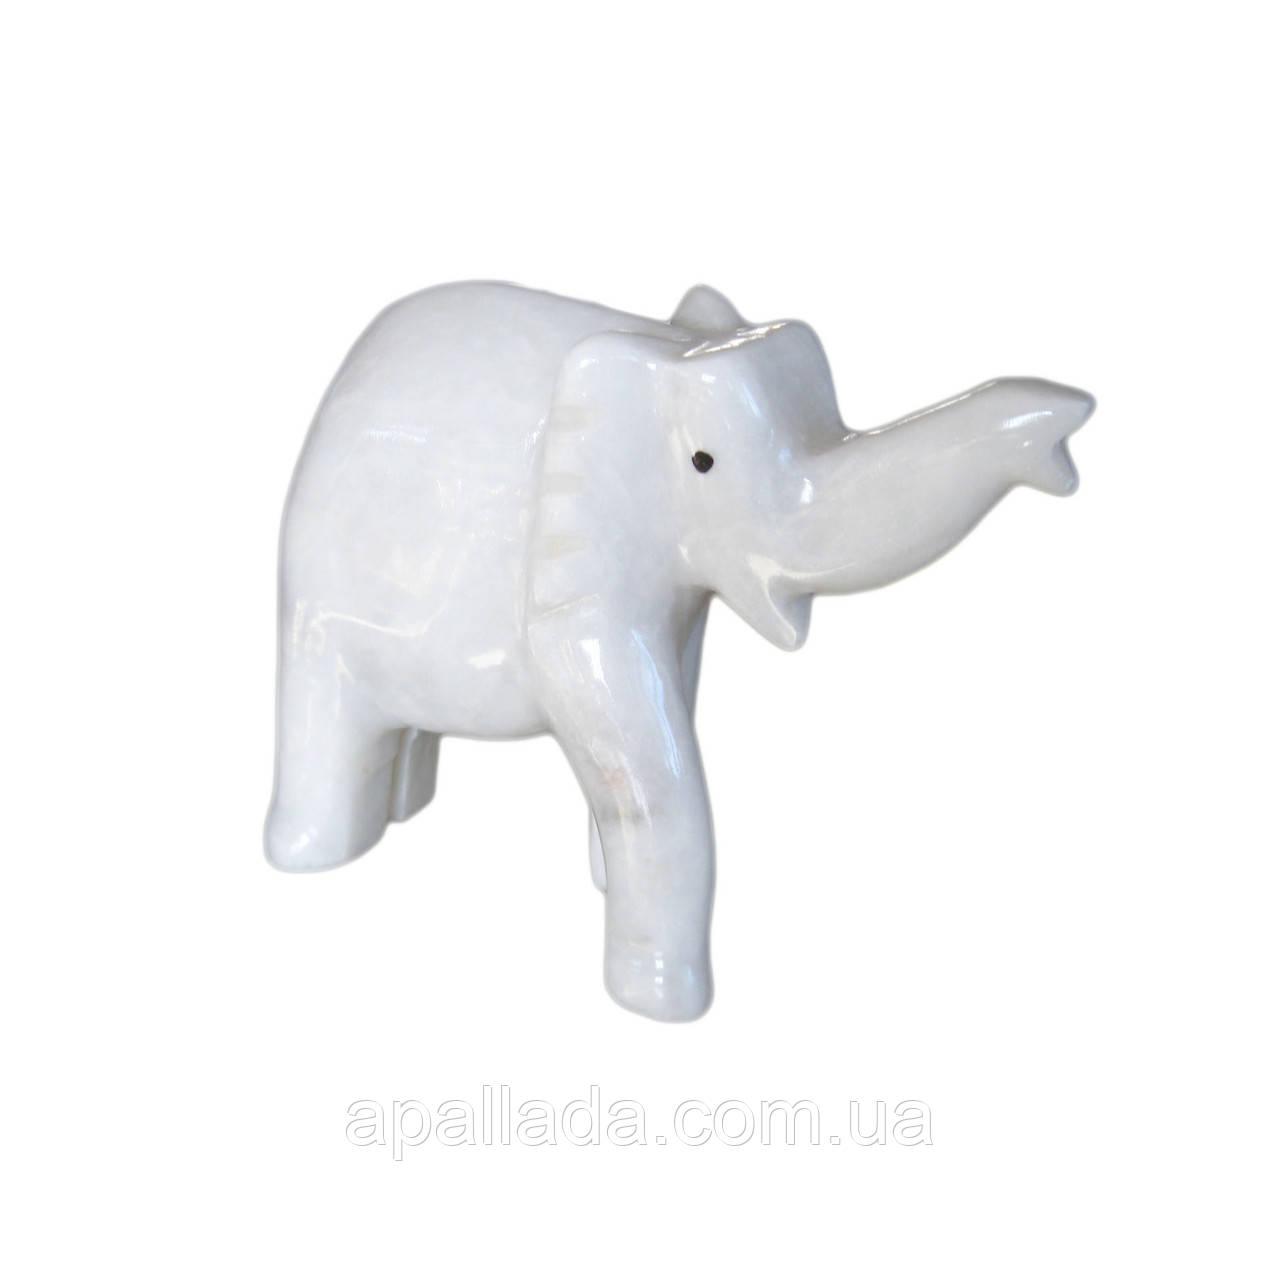 """Статуэтка """"Слон"""" оникс 15.см."""